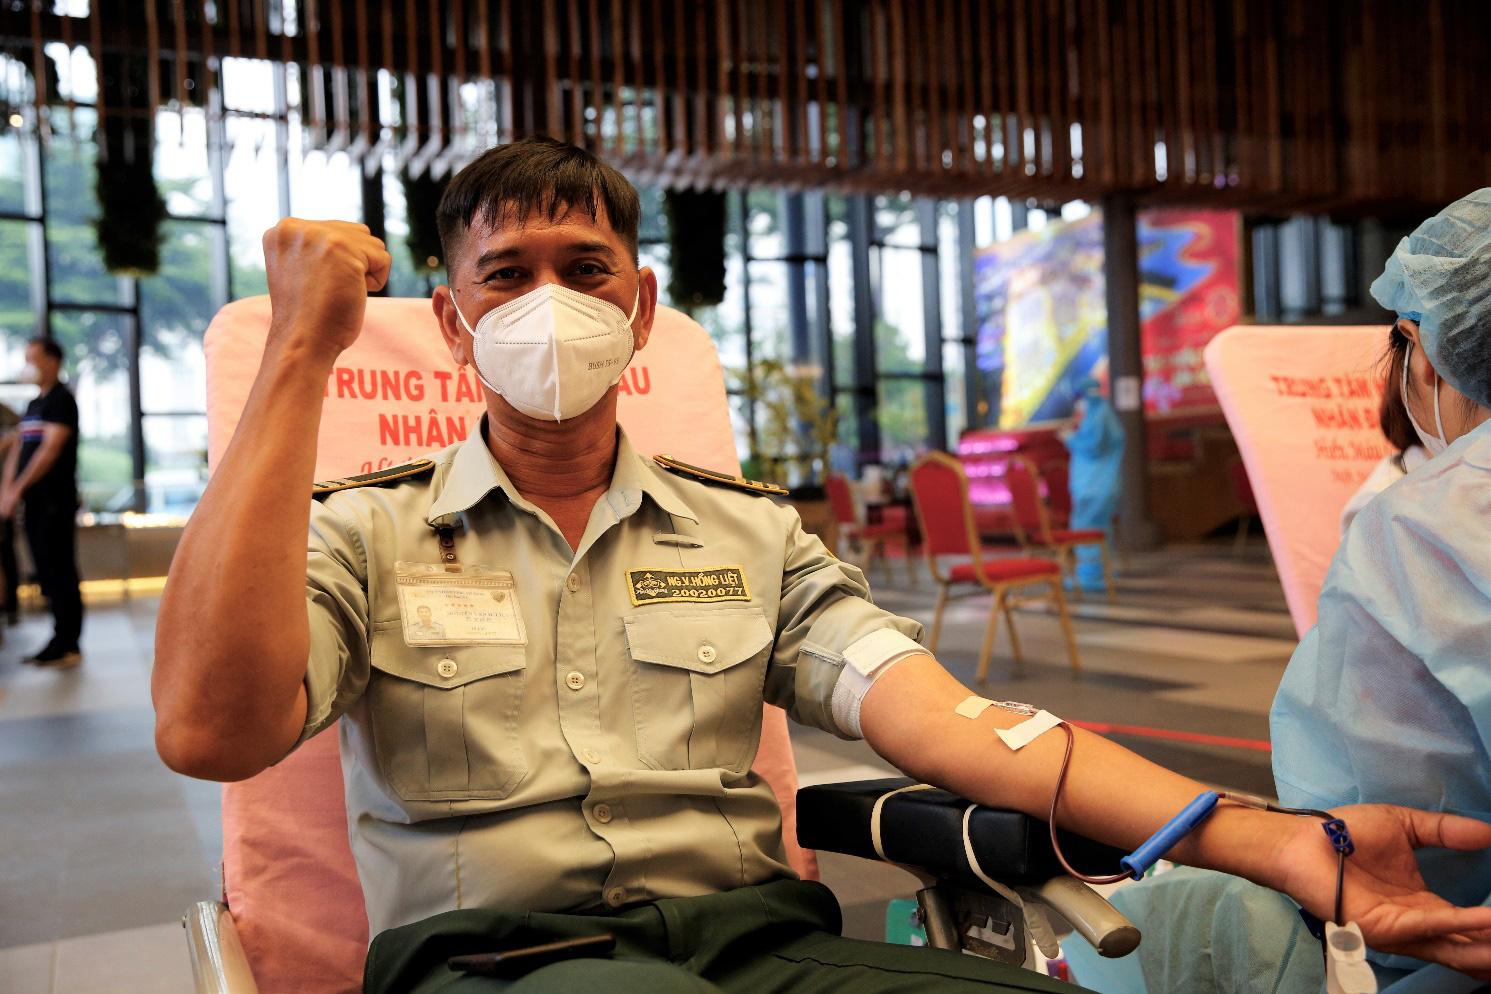 Anh Hồng Liệt, nhân viên Công ty Phú Mỹ Hưng, chia sẻ 'Hy vọng những giọt máu của mình sẽ góp phần giúp một bệnh nhân Covid nào đó chiến thắng dịch bệnh'.